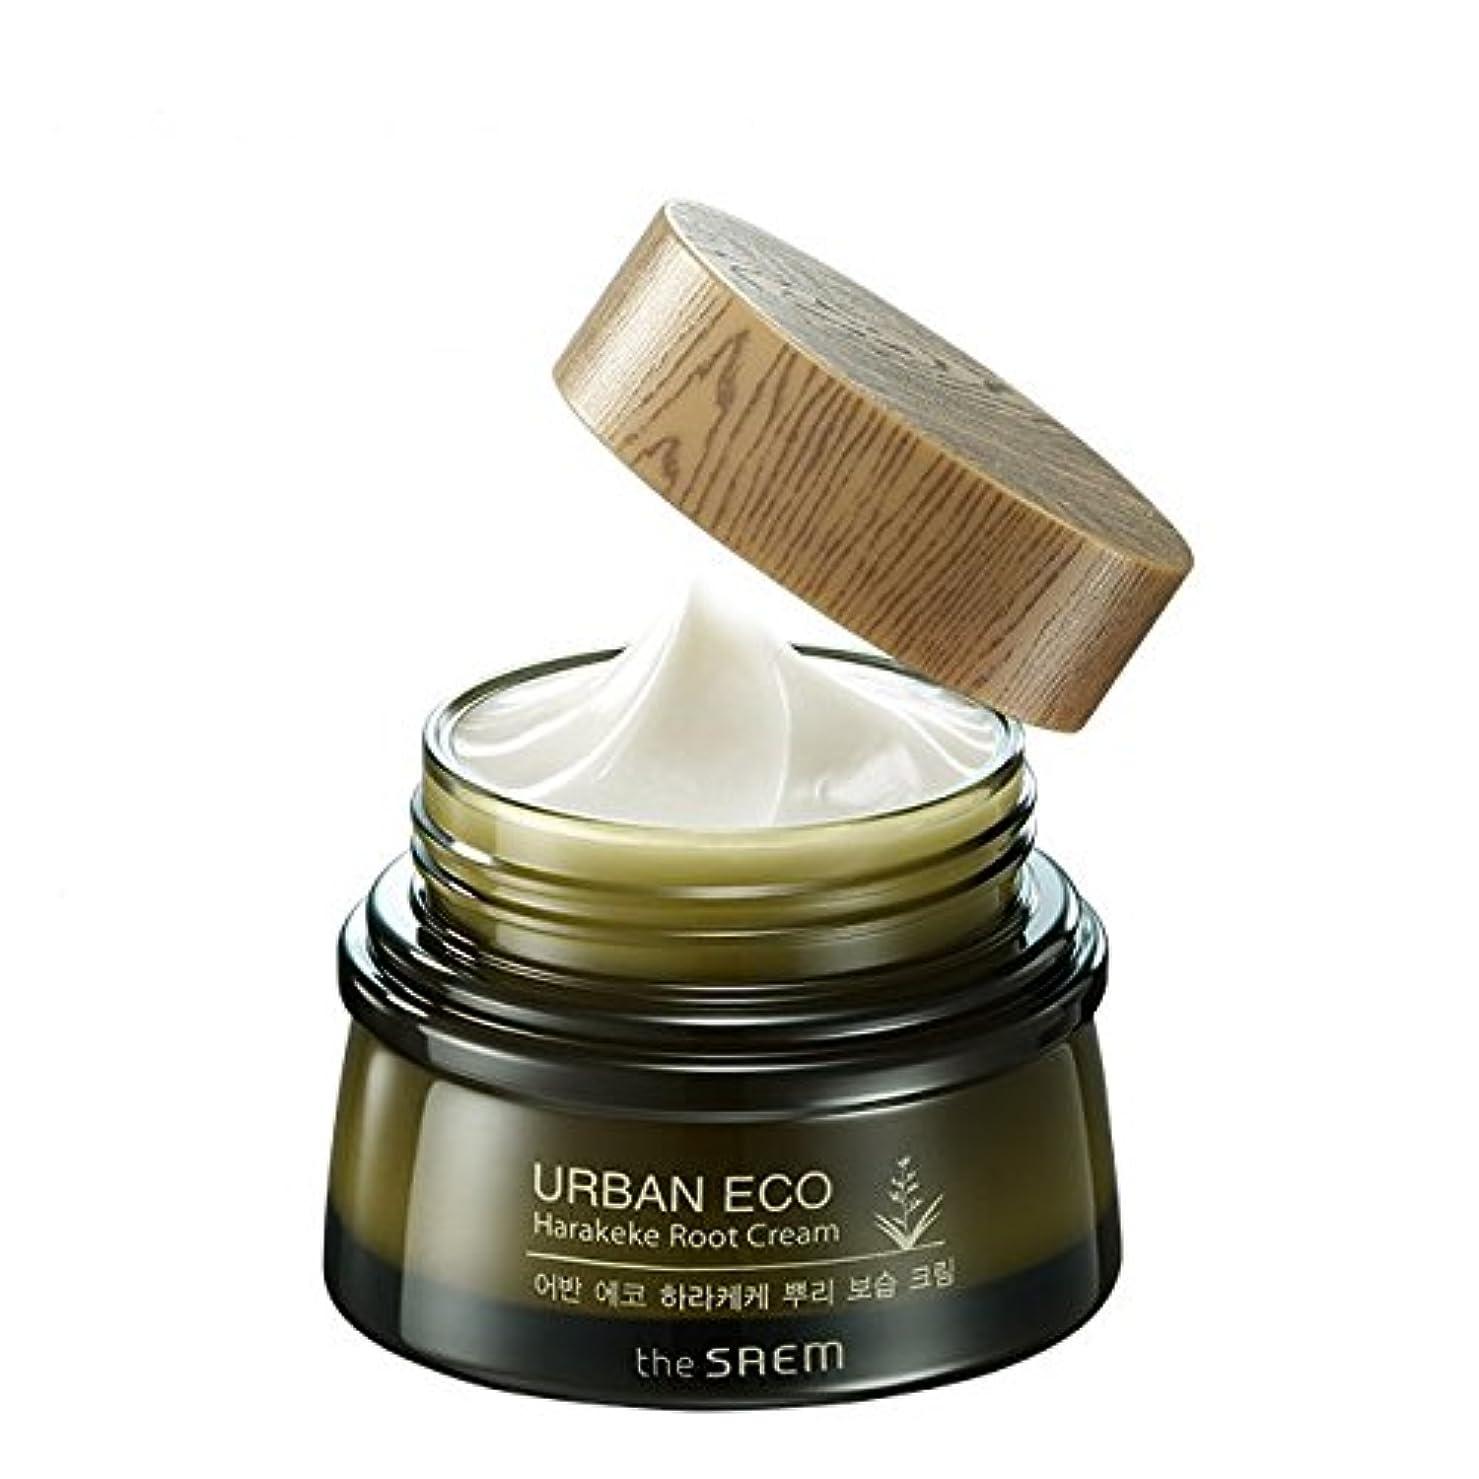 自動ミル誘発する[ザセム] The Saem [アーバンエコ ハラケケ 根保湿クリーム60ml (The Saem Urban Eco Harakeke Root Cream60ml)